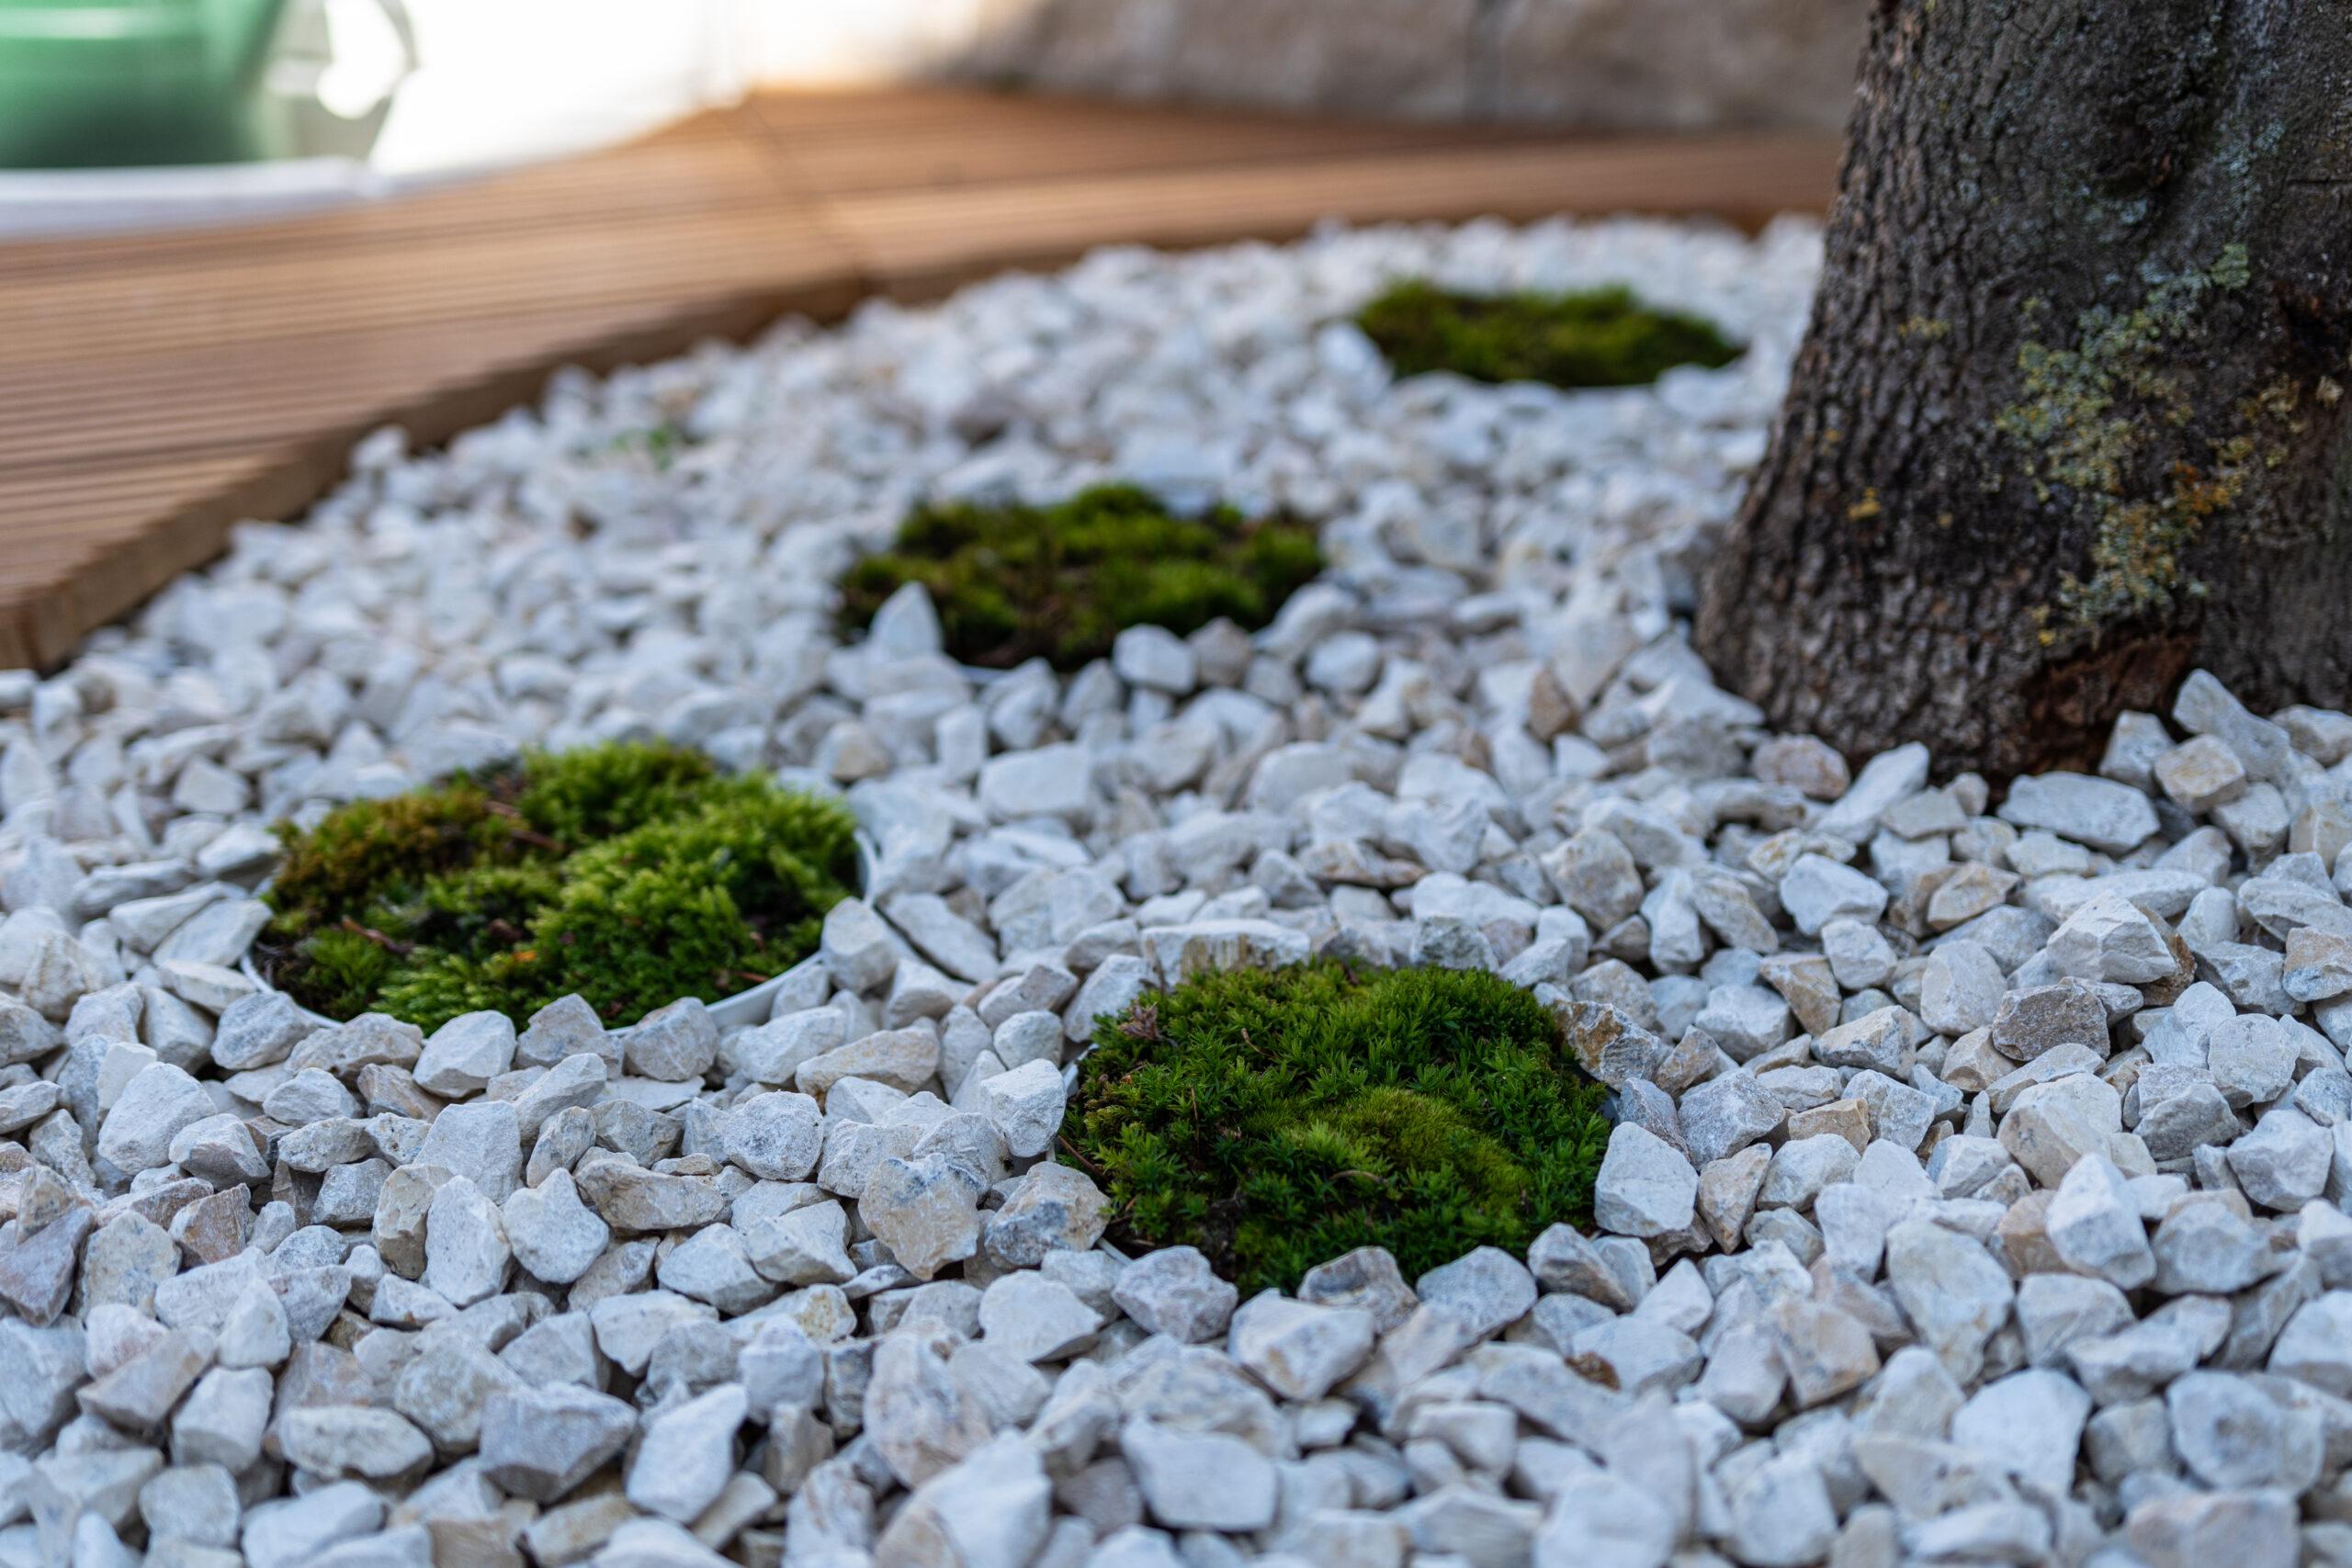 Runde Mooskissen verzieren die Steinbeete rund um die Bäume auf der Terrasse.